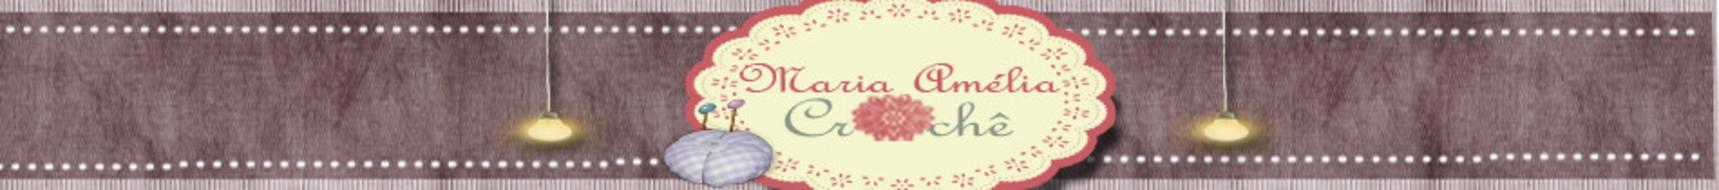 MARIA AM�LIA  - CROCH�